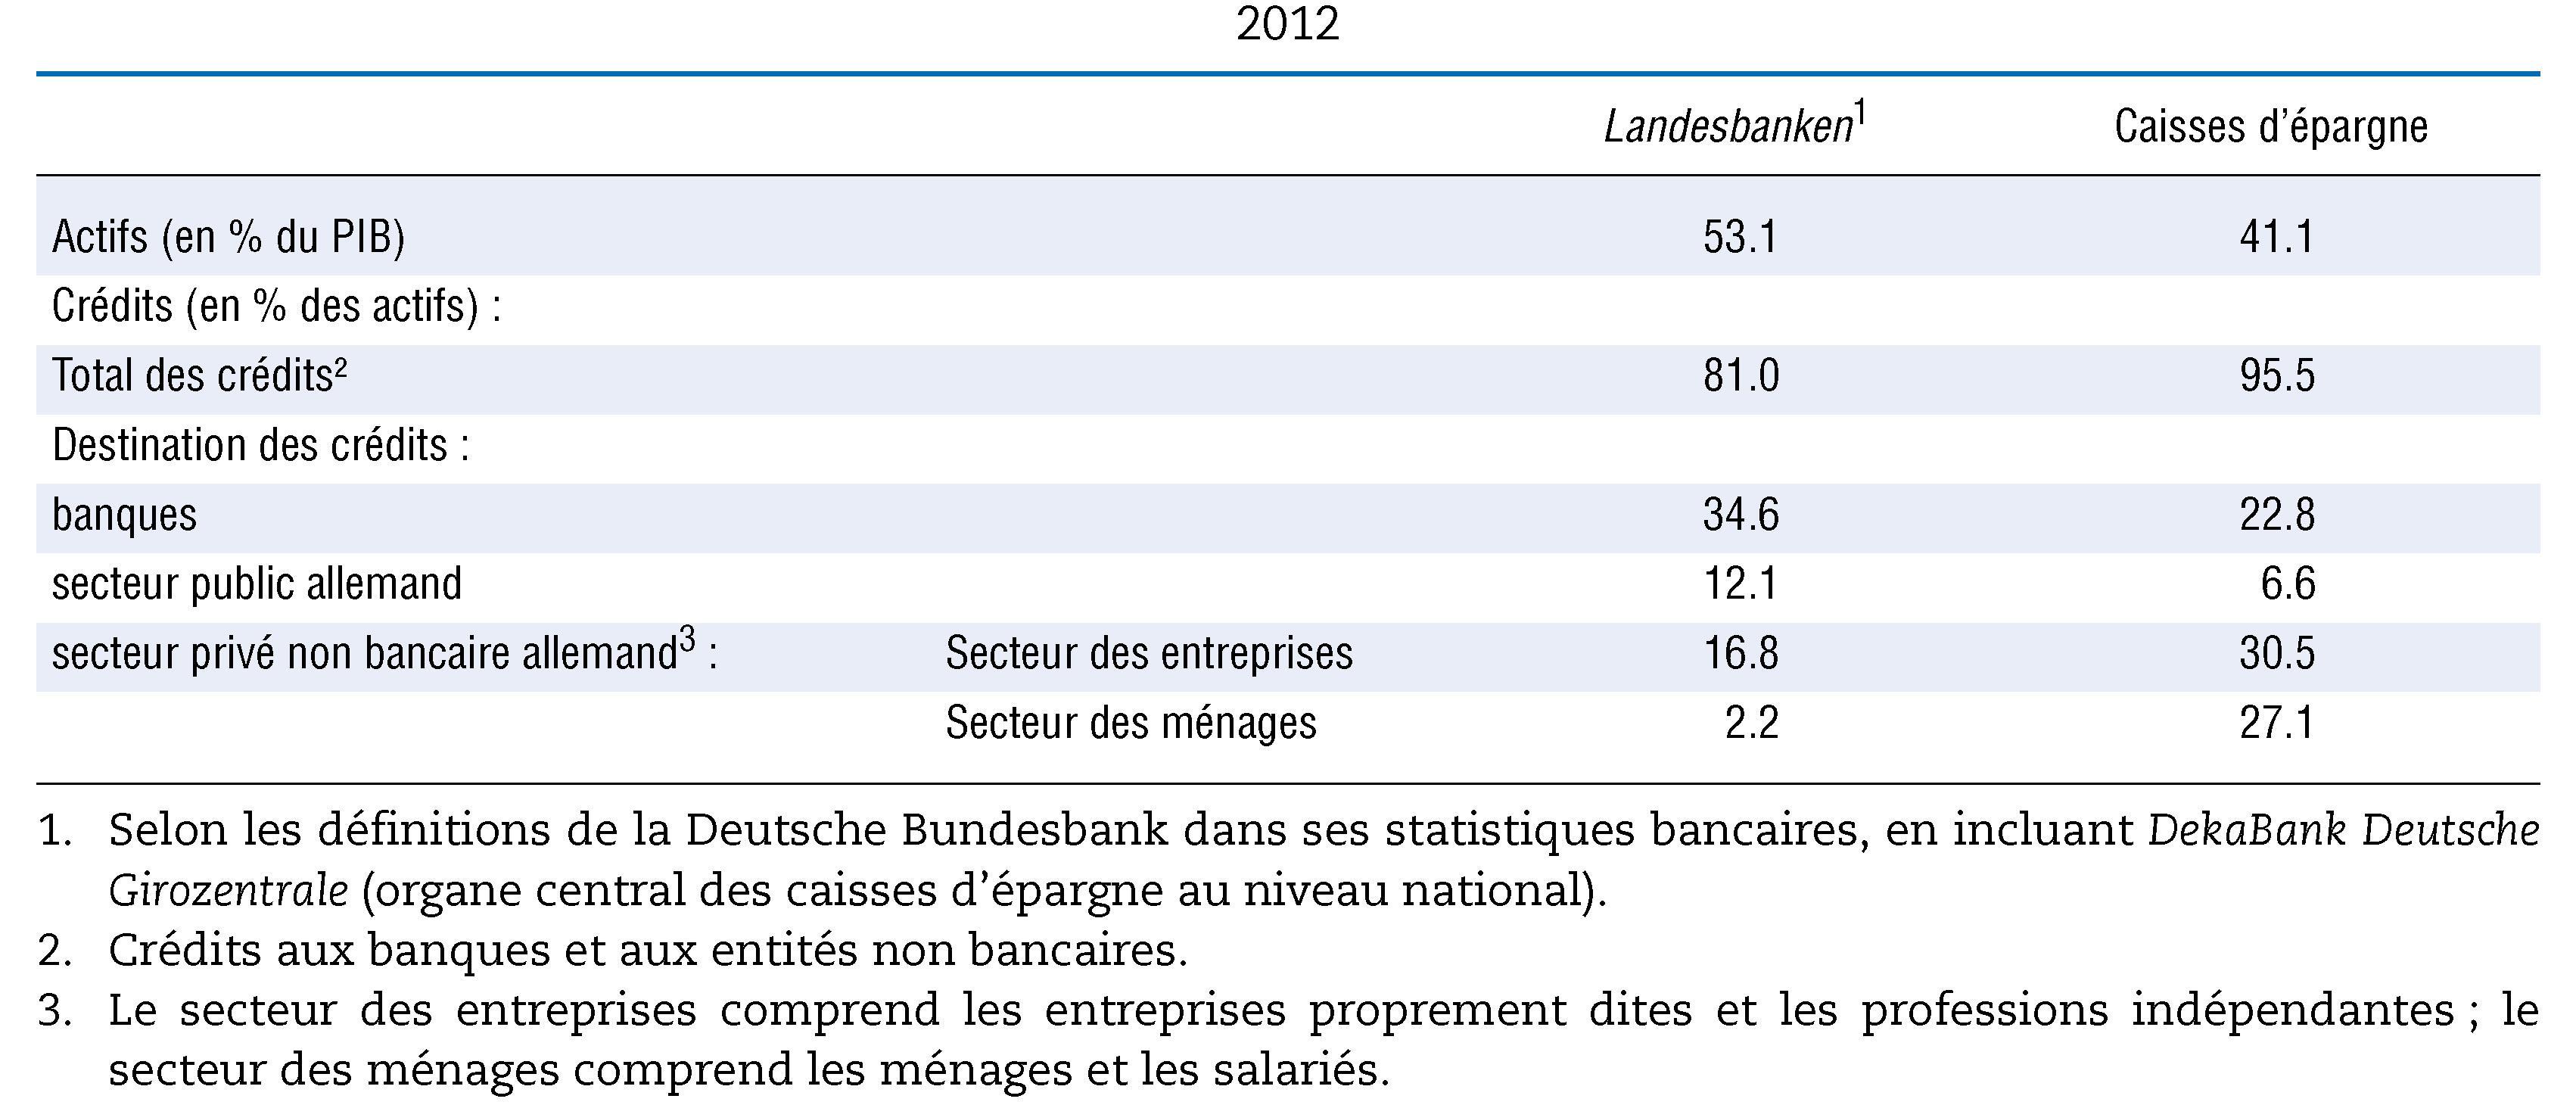 45d27280d5133 Total des actifs et montant des crédits des Landesbanken et des caisses  d épargne